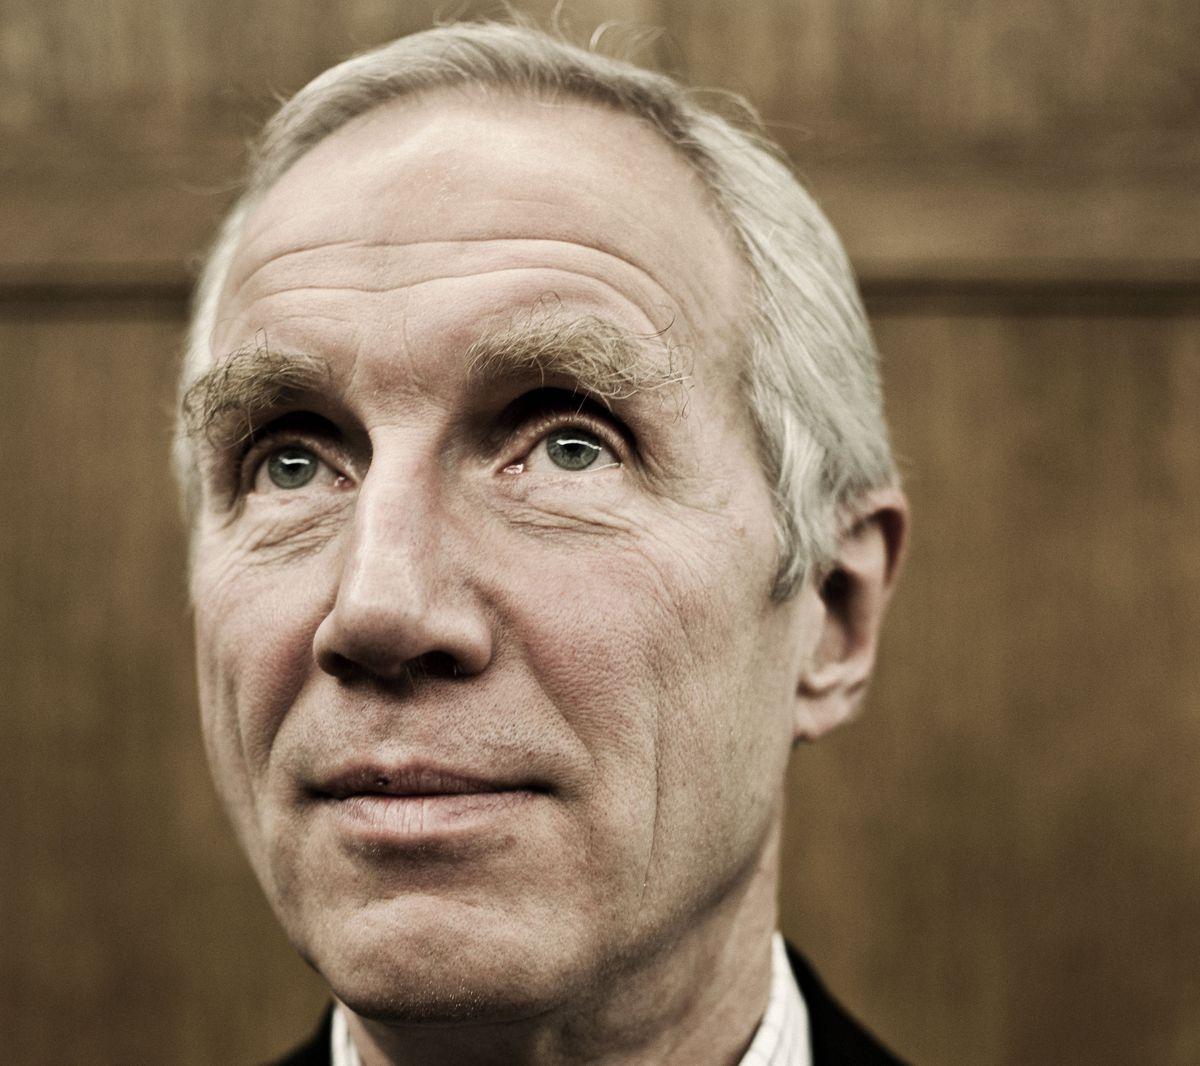 Tidligere ordførende direktør Peter Straarup fylder 70 år mandag den 19. juli. (Arkivfoto).